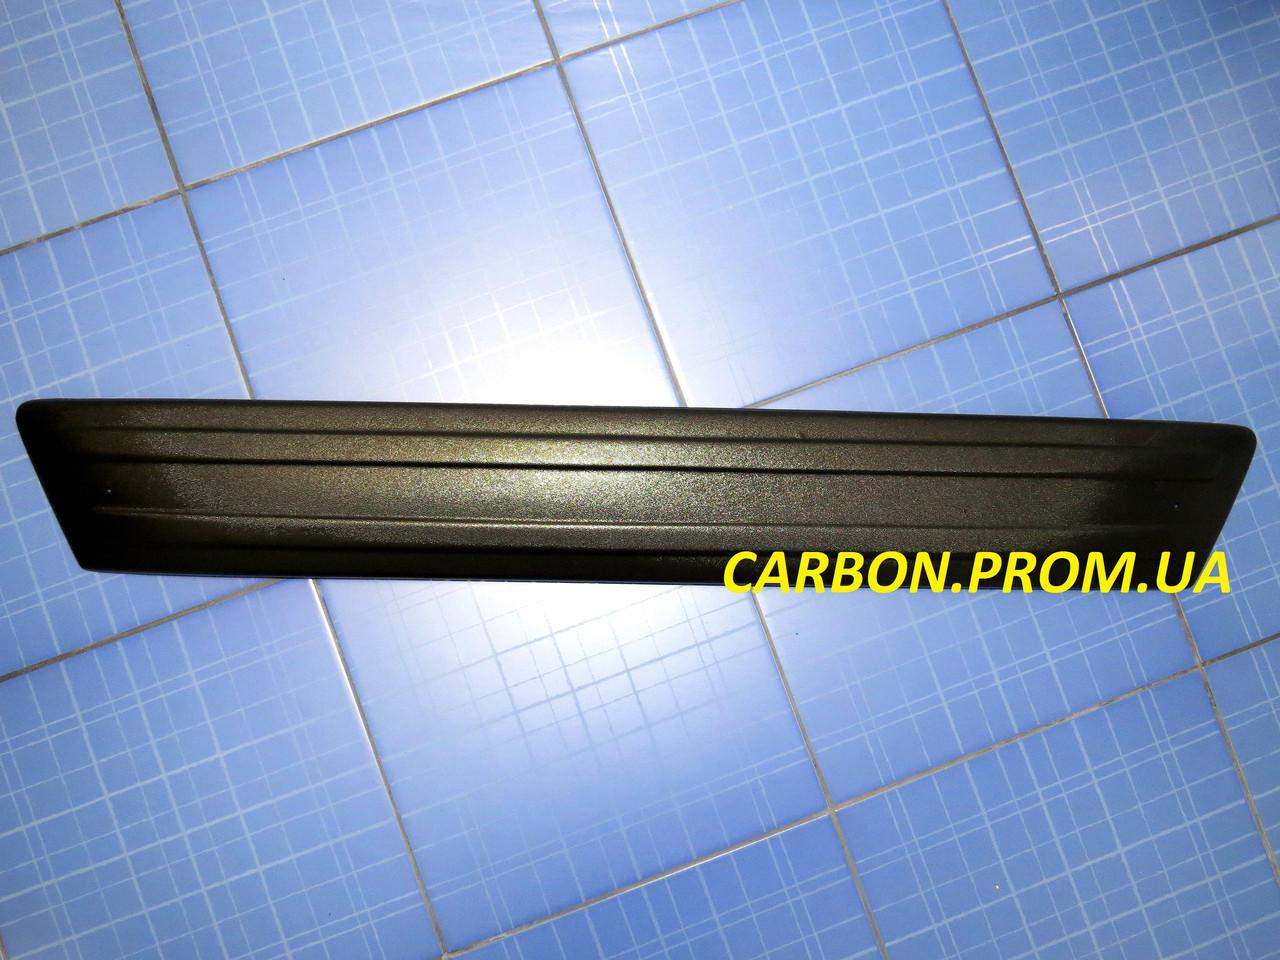 Зимняя заглушка решётки радиатора Рено Логан Сандеро низ с 2012 матовая Fly. Утеплитель решётки Renault Logan